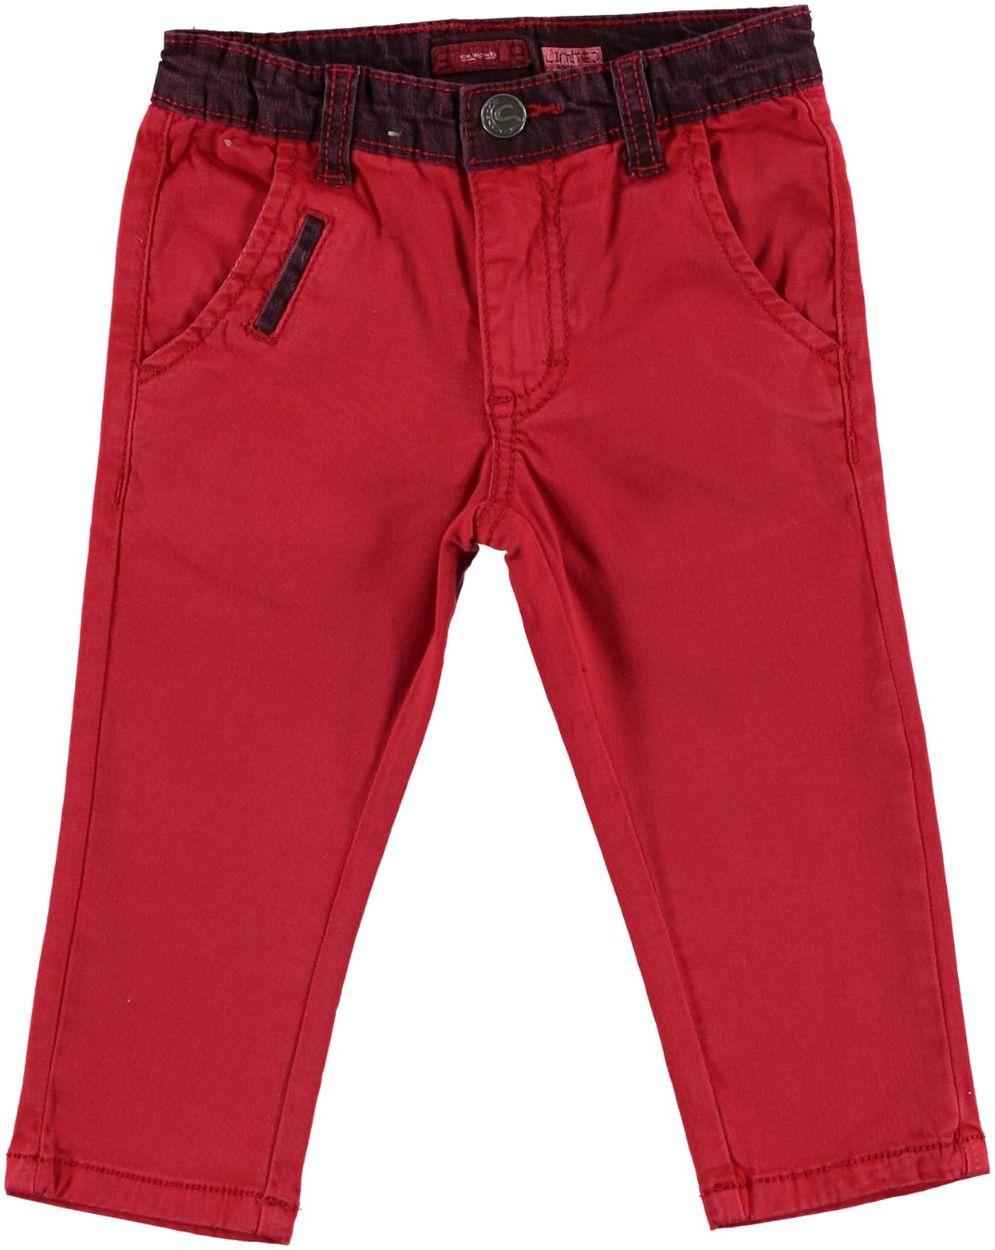 e125262e3625 Pantalone lungo slim in cotone con dettagli in jeans per bambino da 6 mesi  a 7 anni Sarabanda